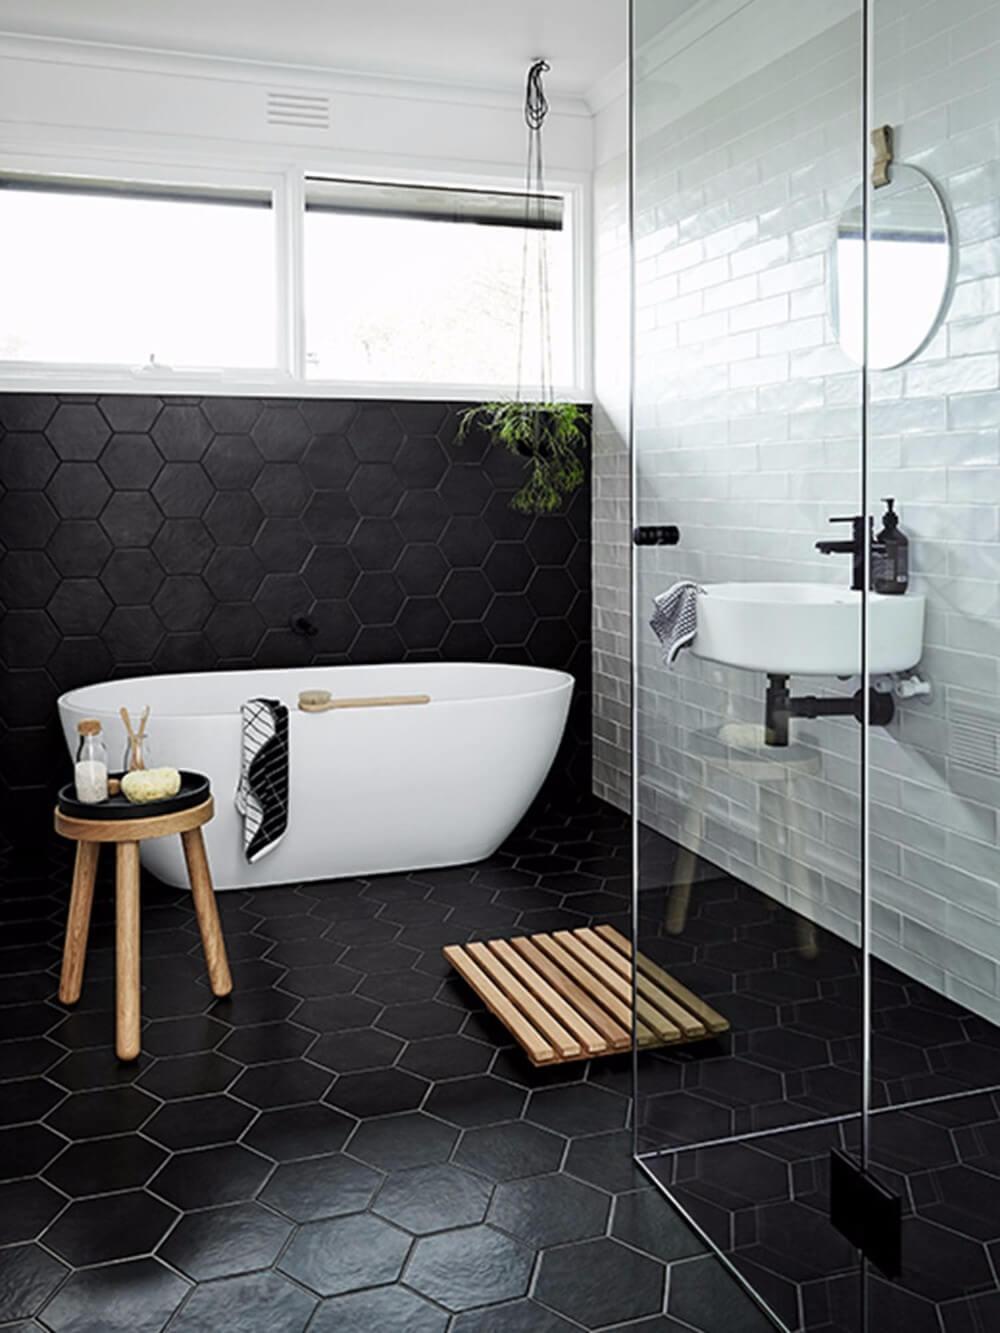 Nice bathroom tray